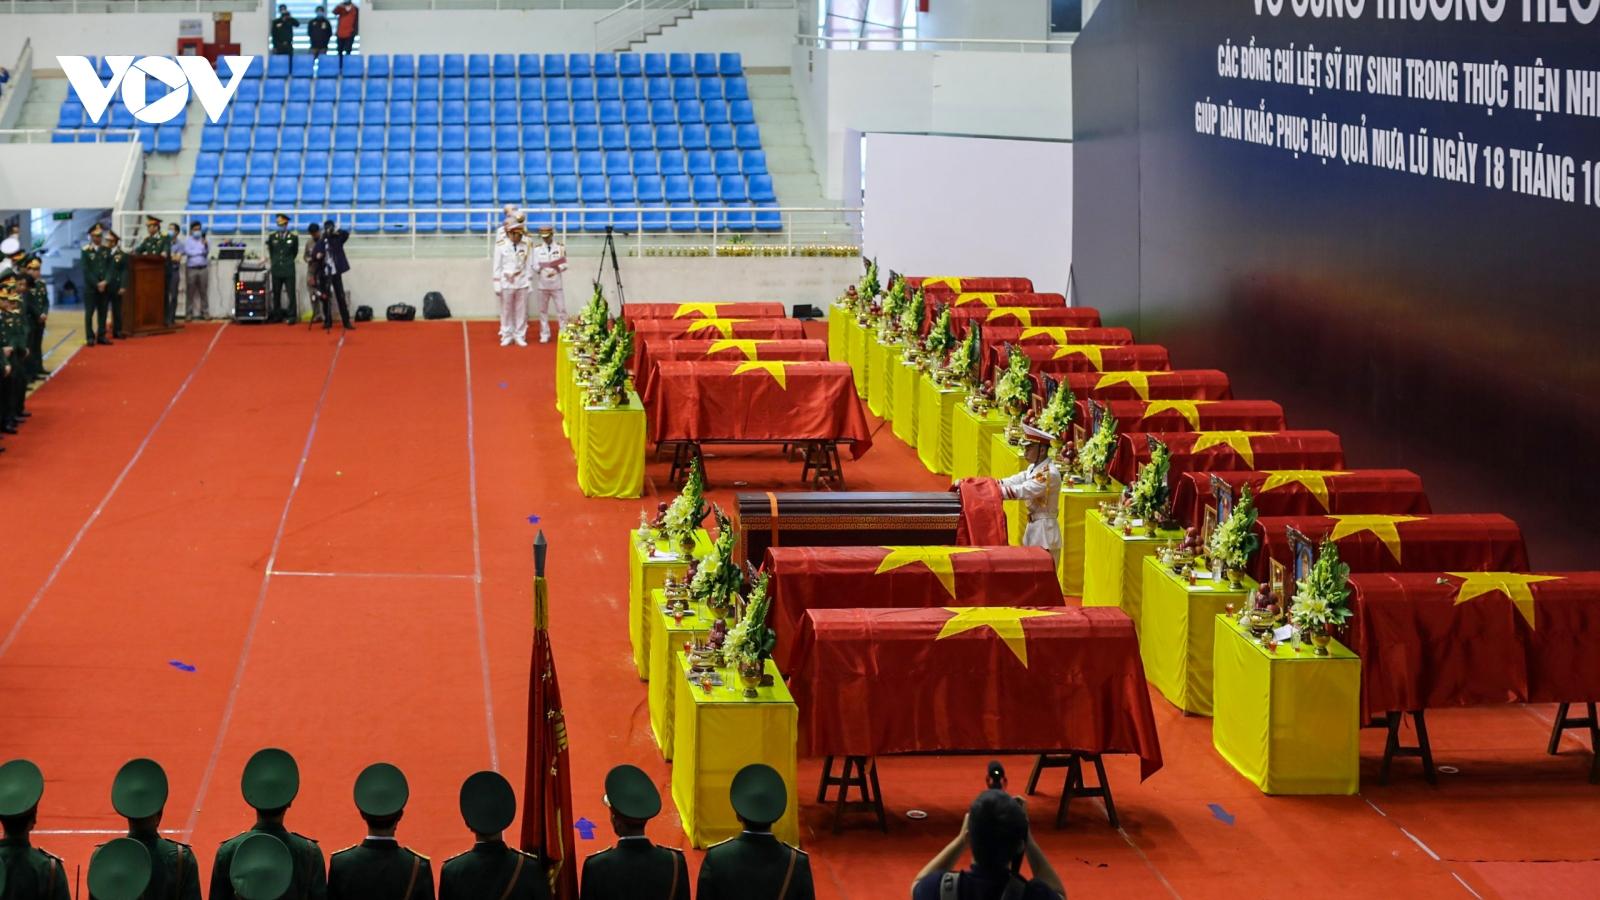 Xúc động lễ viếng 22 cán bộ, chiến sĩ Đoàn KTQP 337 hy sinh tại Quảng Trị